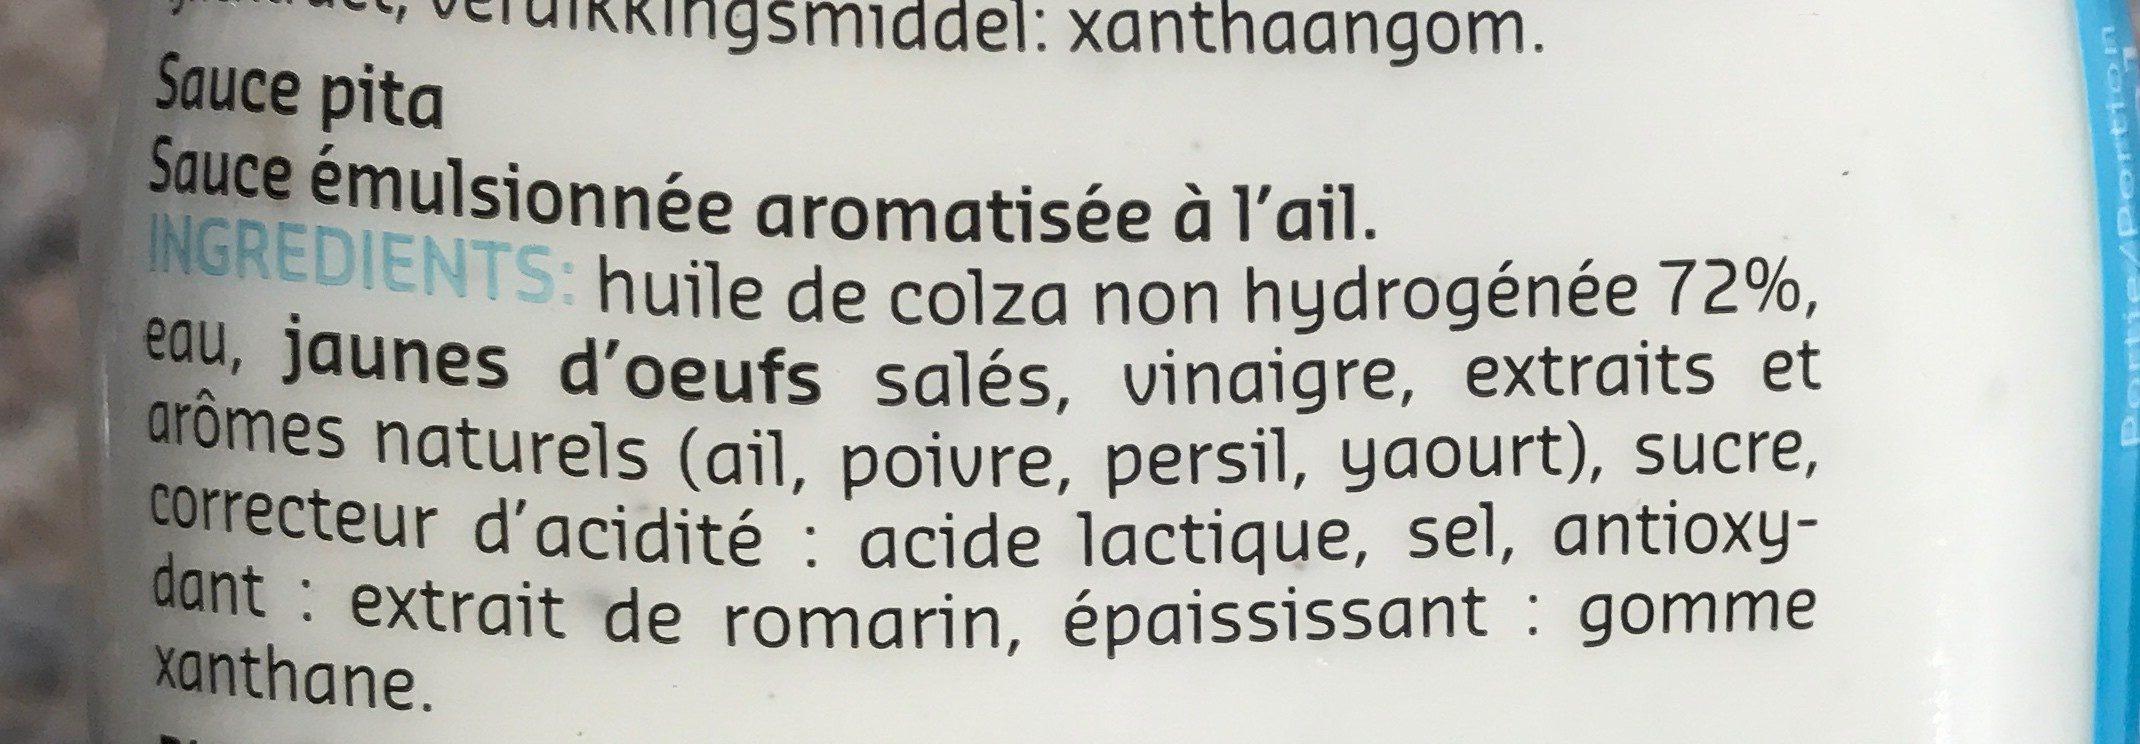 Pita Sauce - Ingrediënten - fr